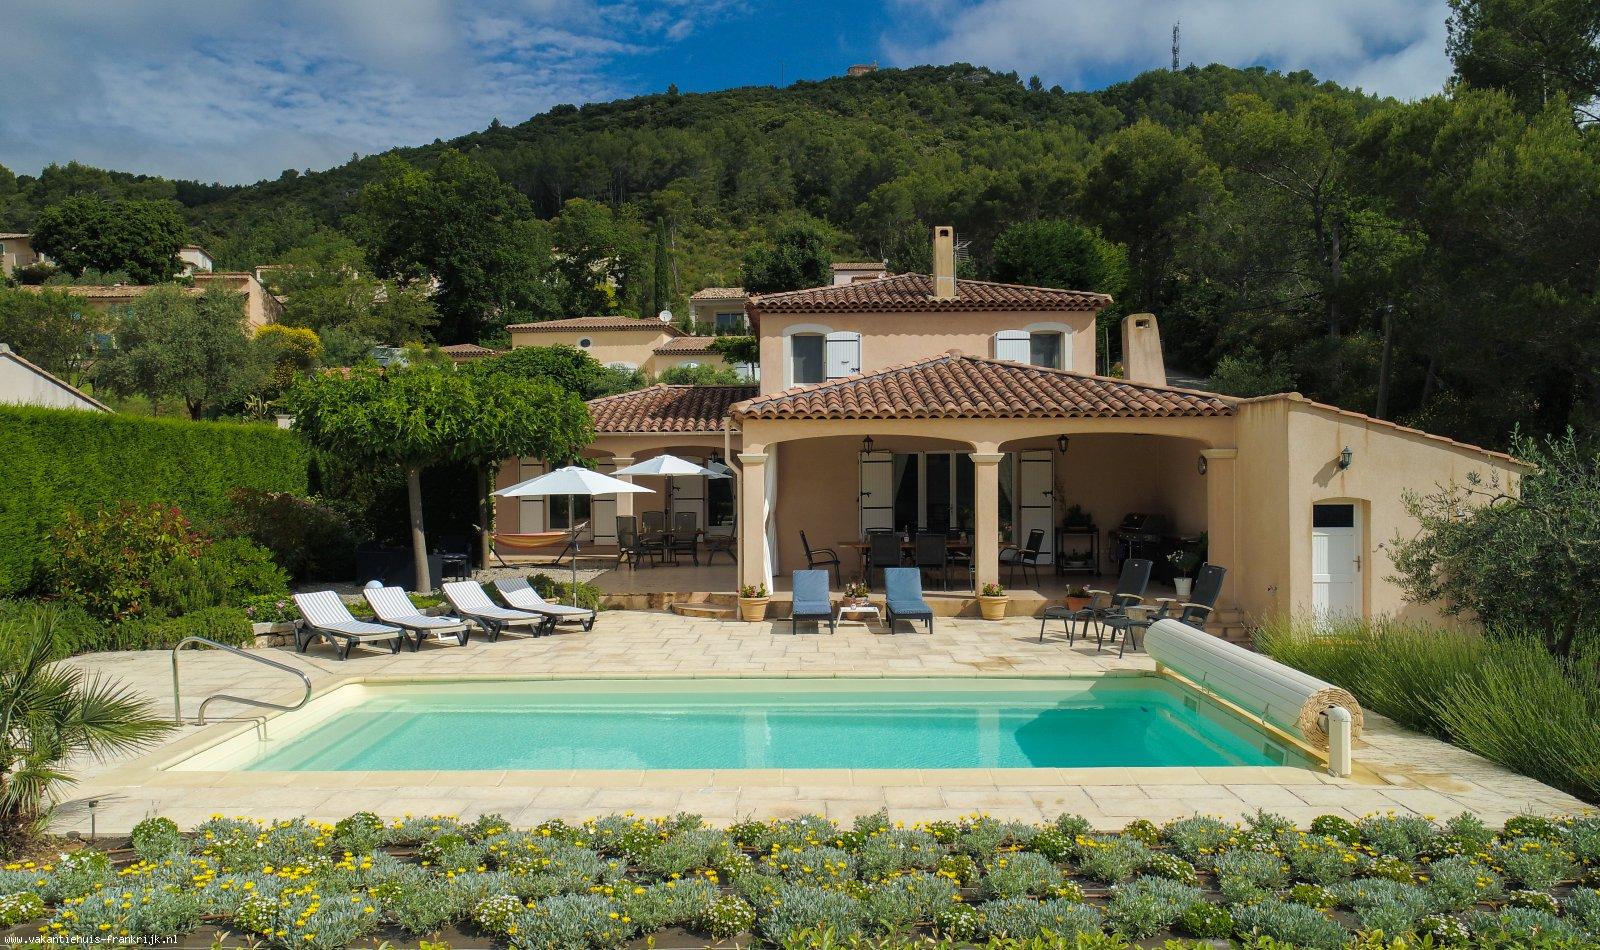 Vakantiehuis: Een prachtige, complete en luxe villa in een mooie rustige omgeving met vrij uitzicht en Lac de St.Croix (Gorges du Verdon) en strand binnen 45 min. te huur voor uw vakantie in Var (Frankrijk)